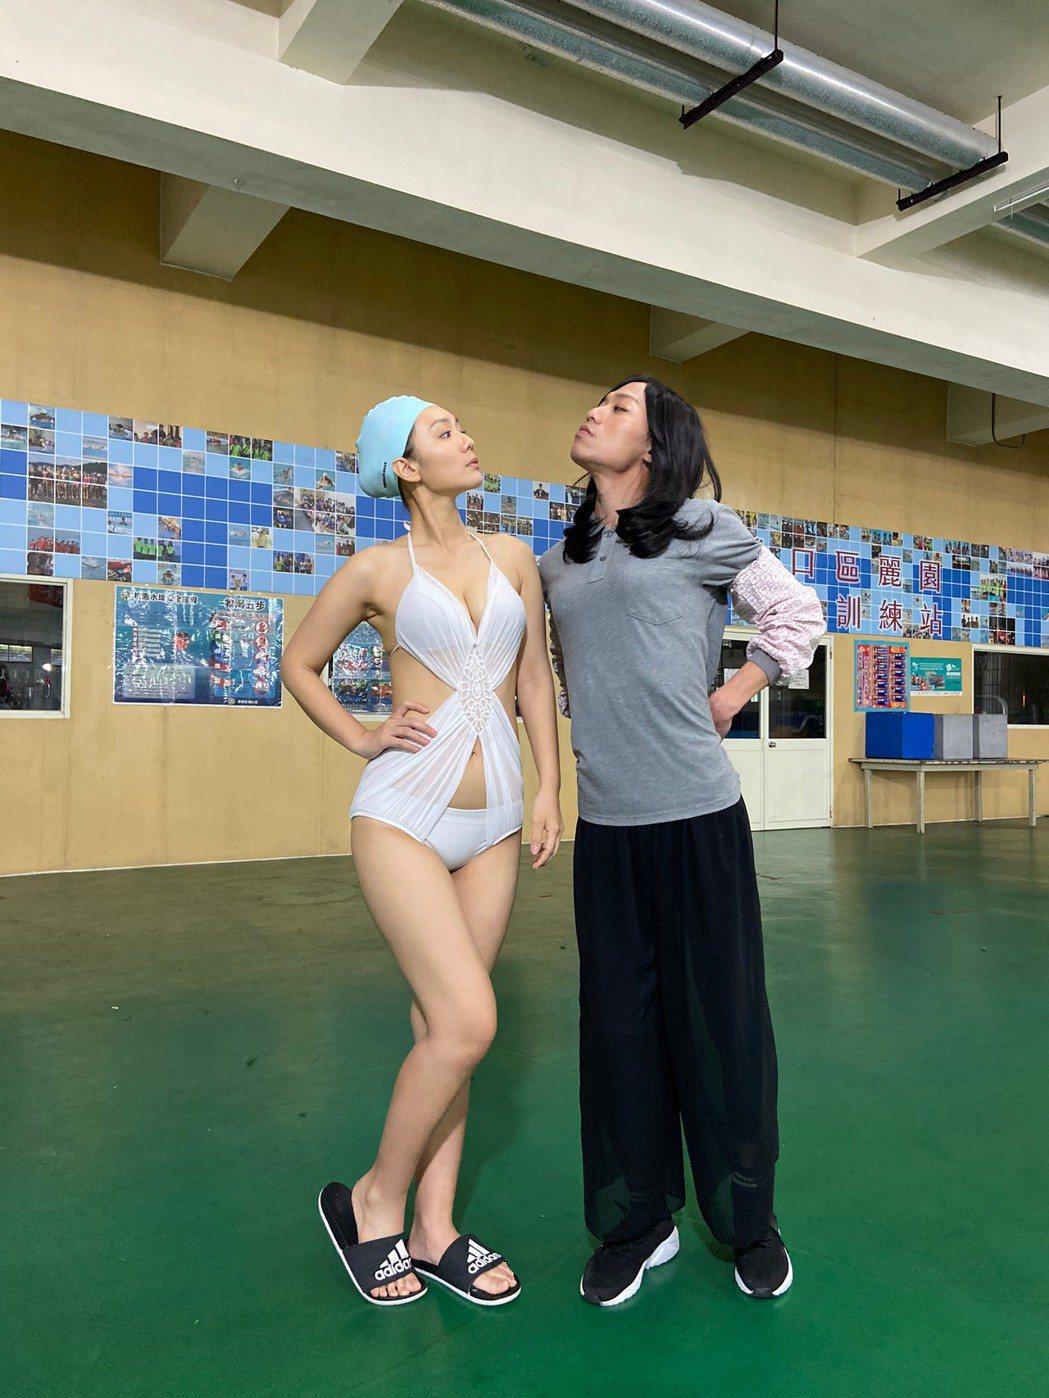 張哲豪(右)扮女裝與李又汝比美。圗/民視提供